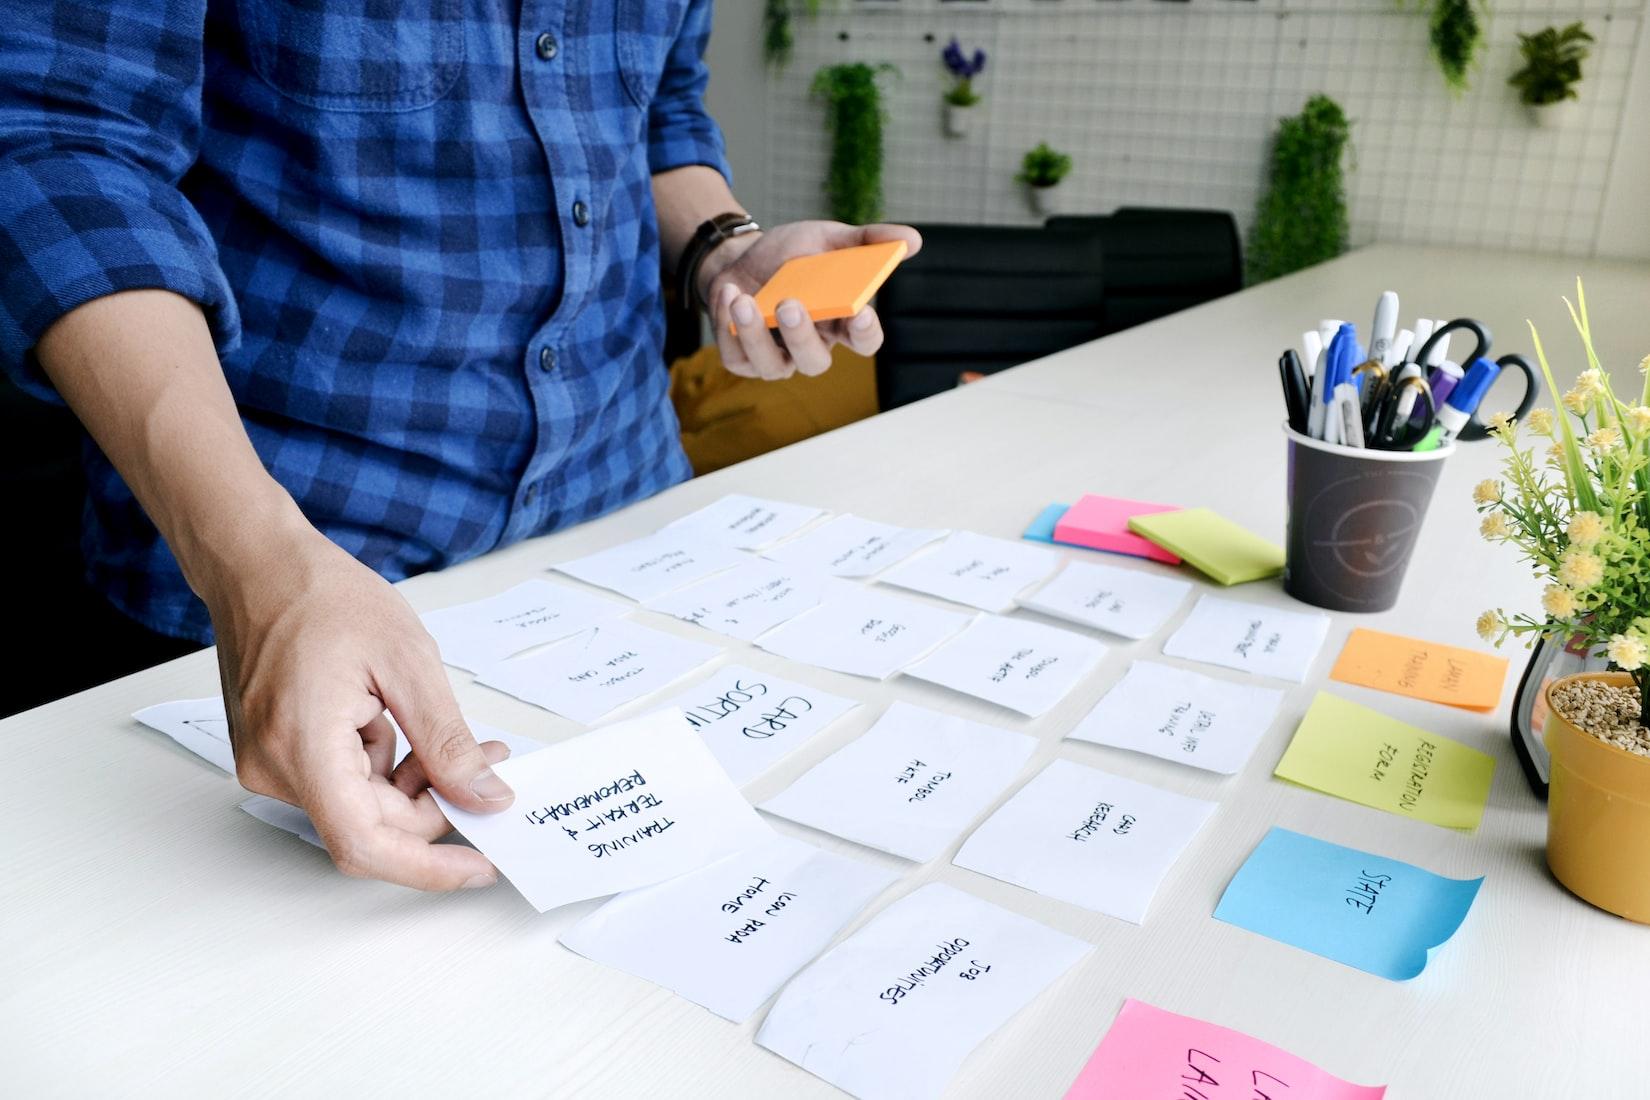 planning users needs